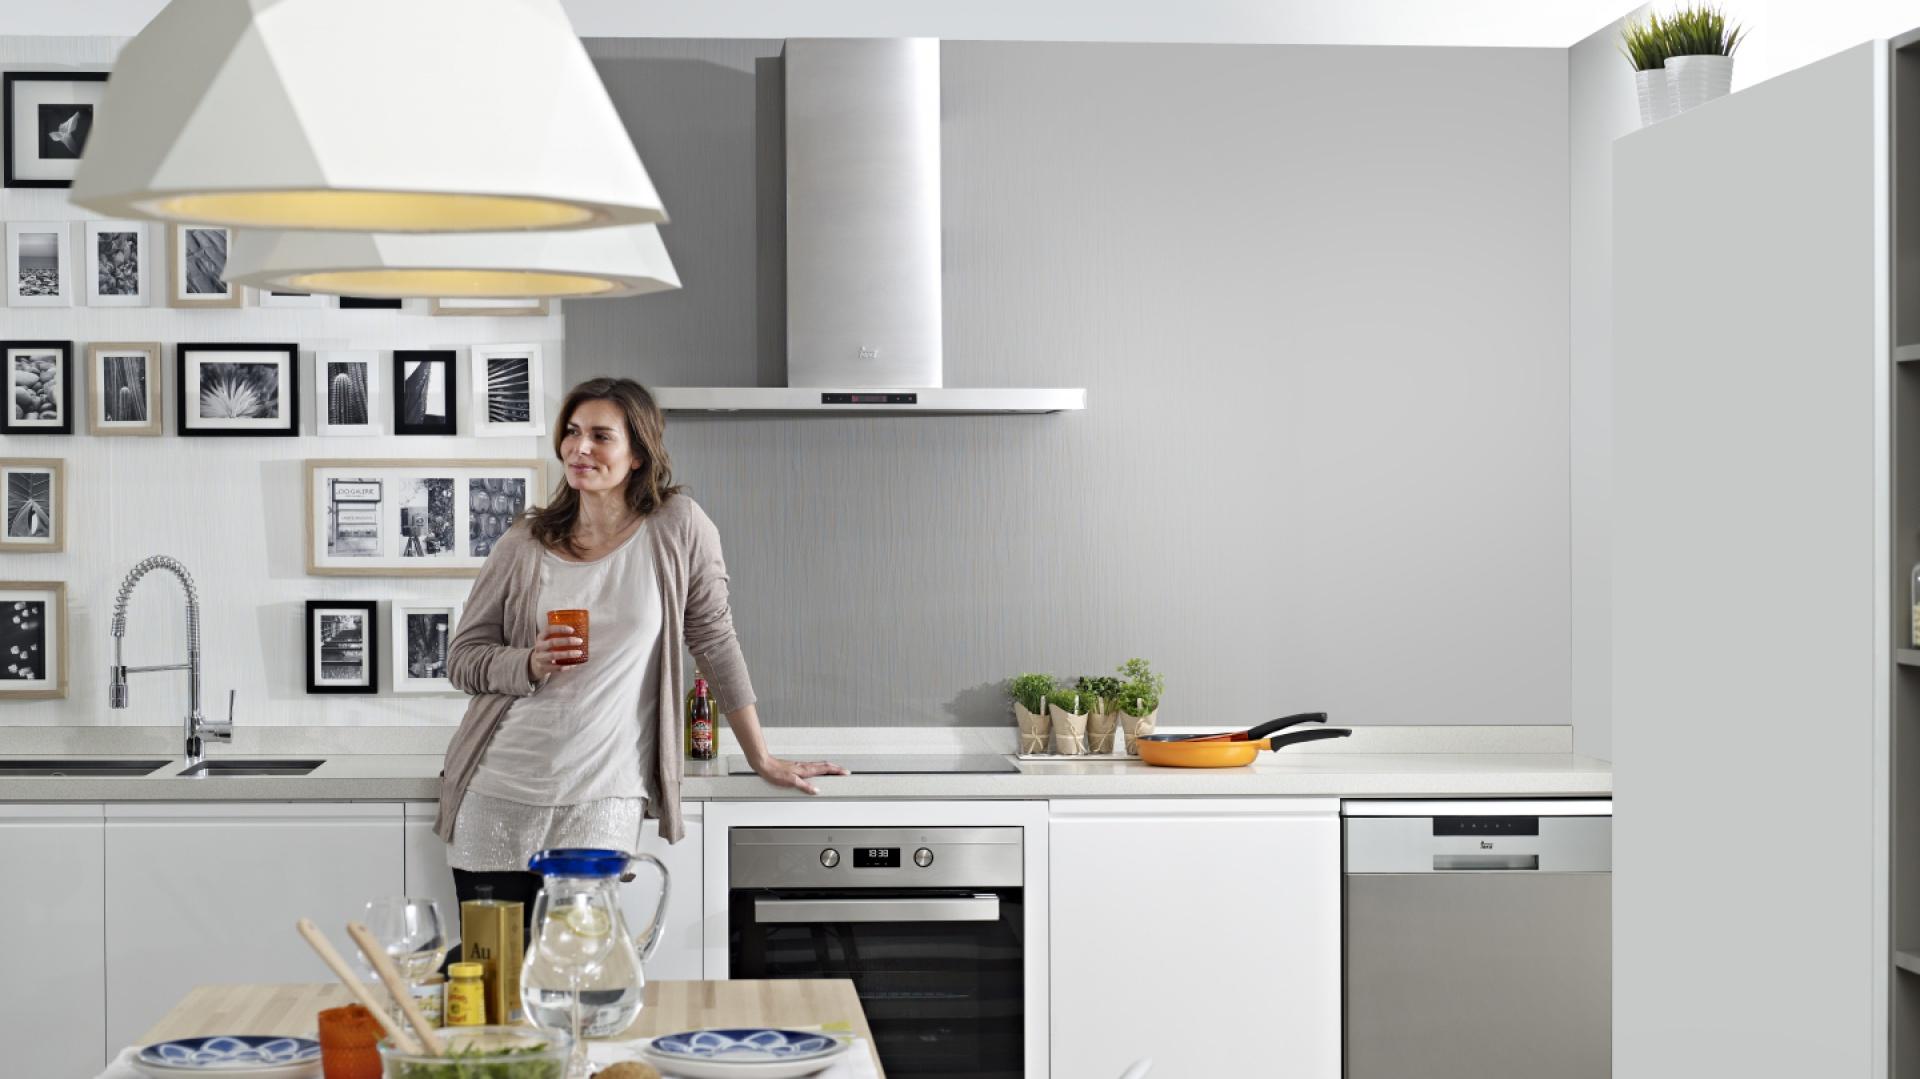 Piekarnik EBON HS735 oraz okap DH 985T. Doskonale sprawdzą się w nowoczesnej kuchni. Fot. Teka.